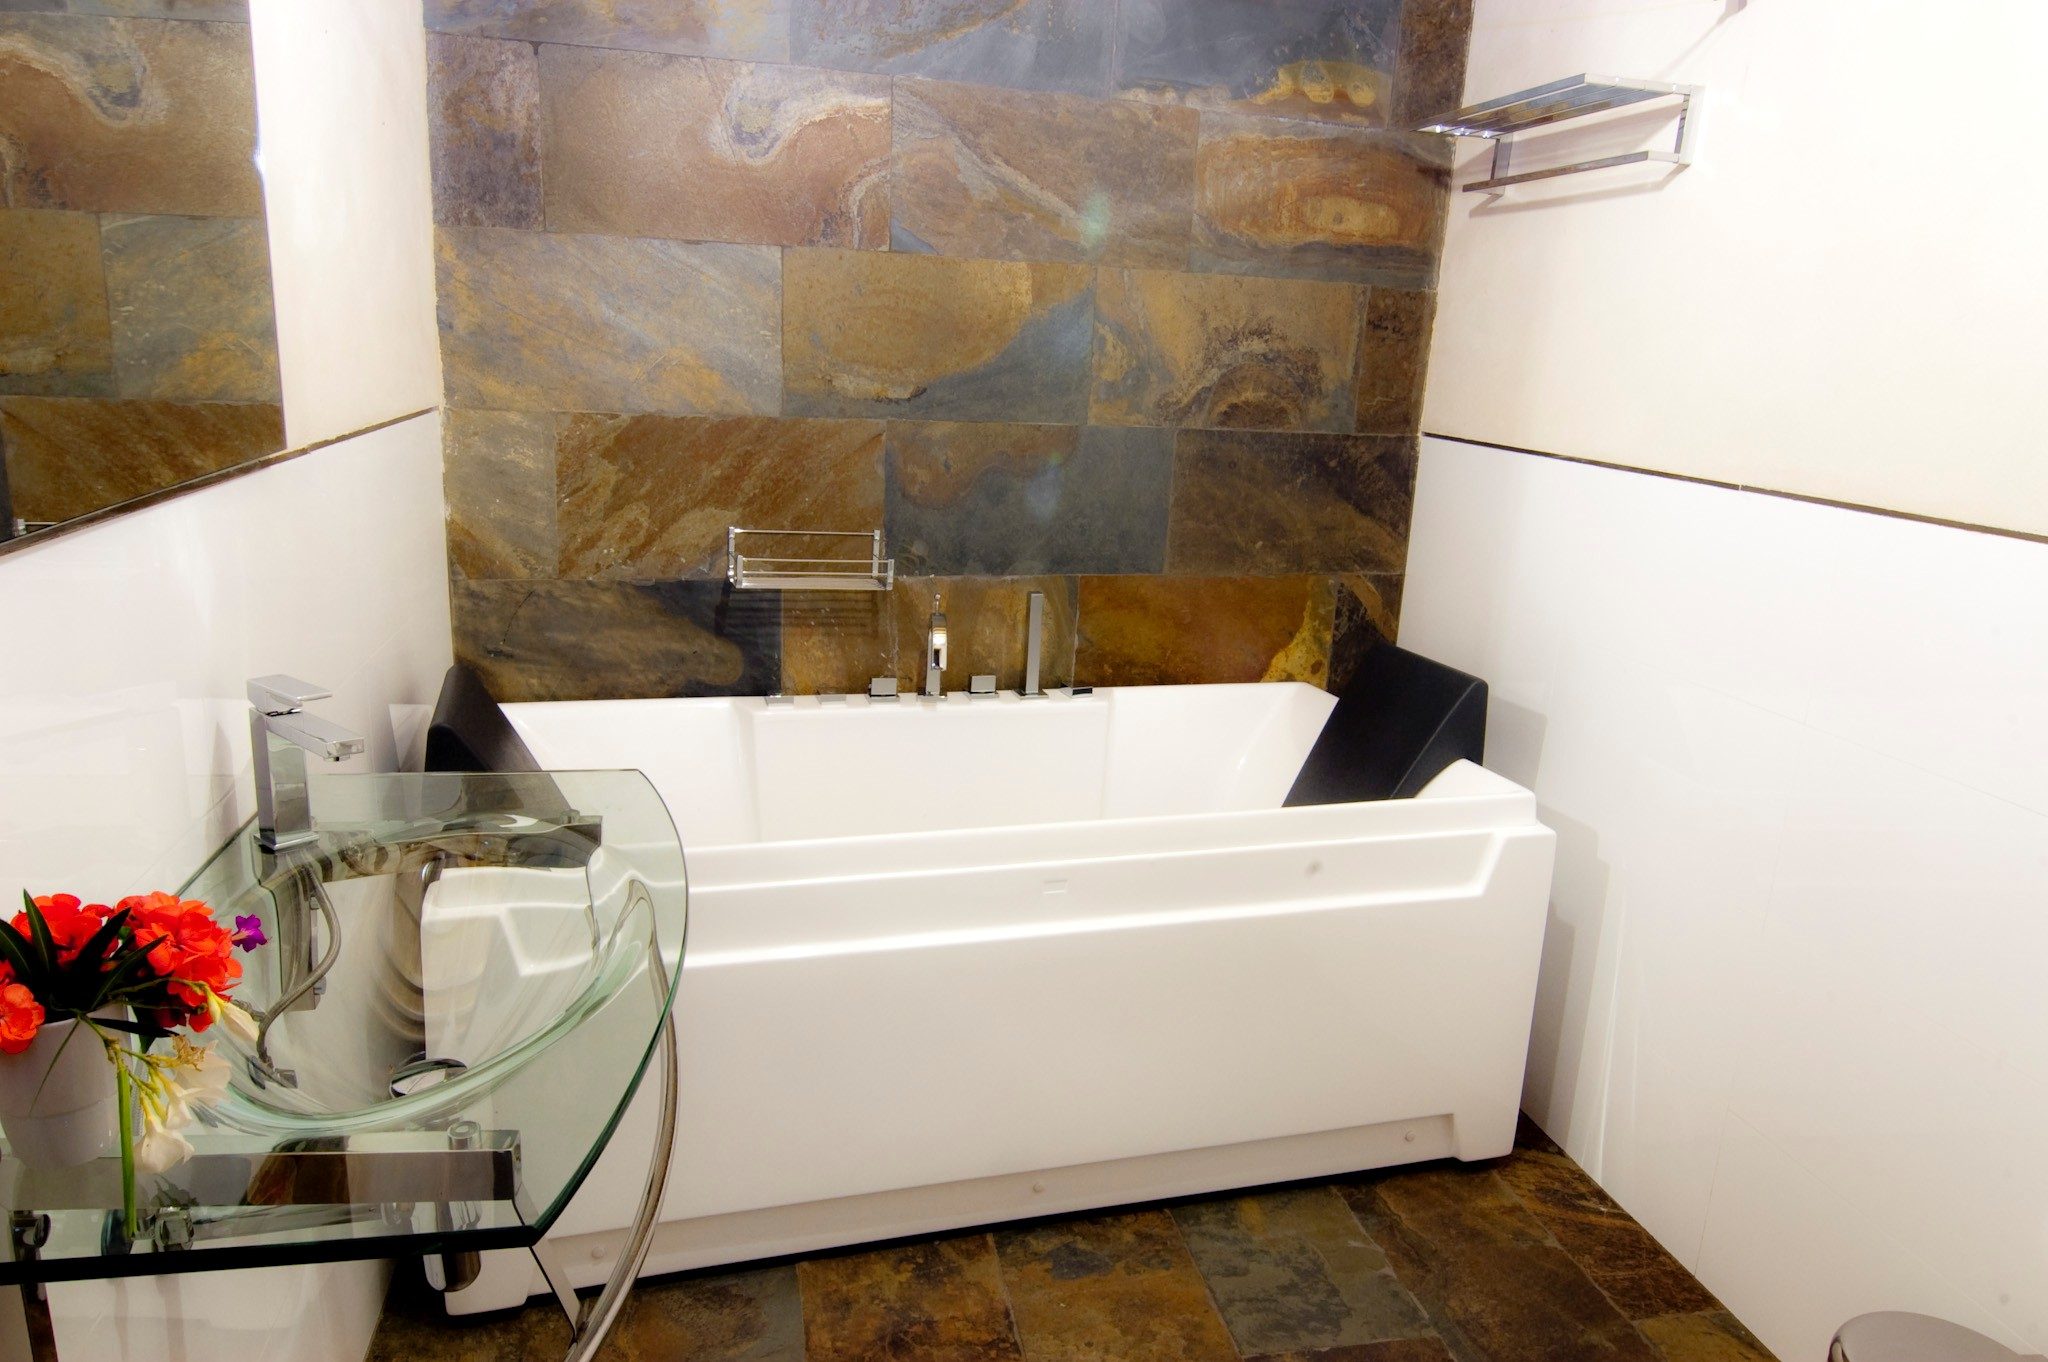 File cuarto de ba o con ba era wikimedia - Fotos cuartos de bano ...